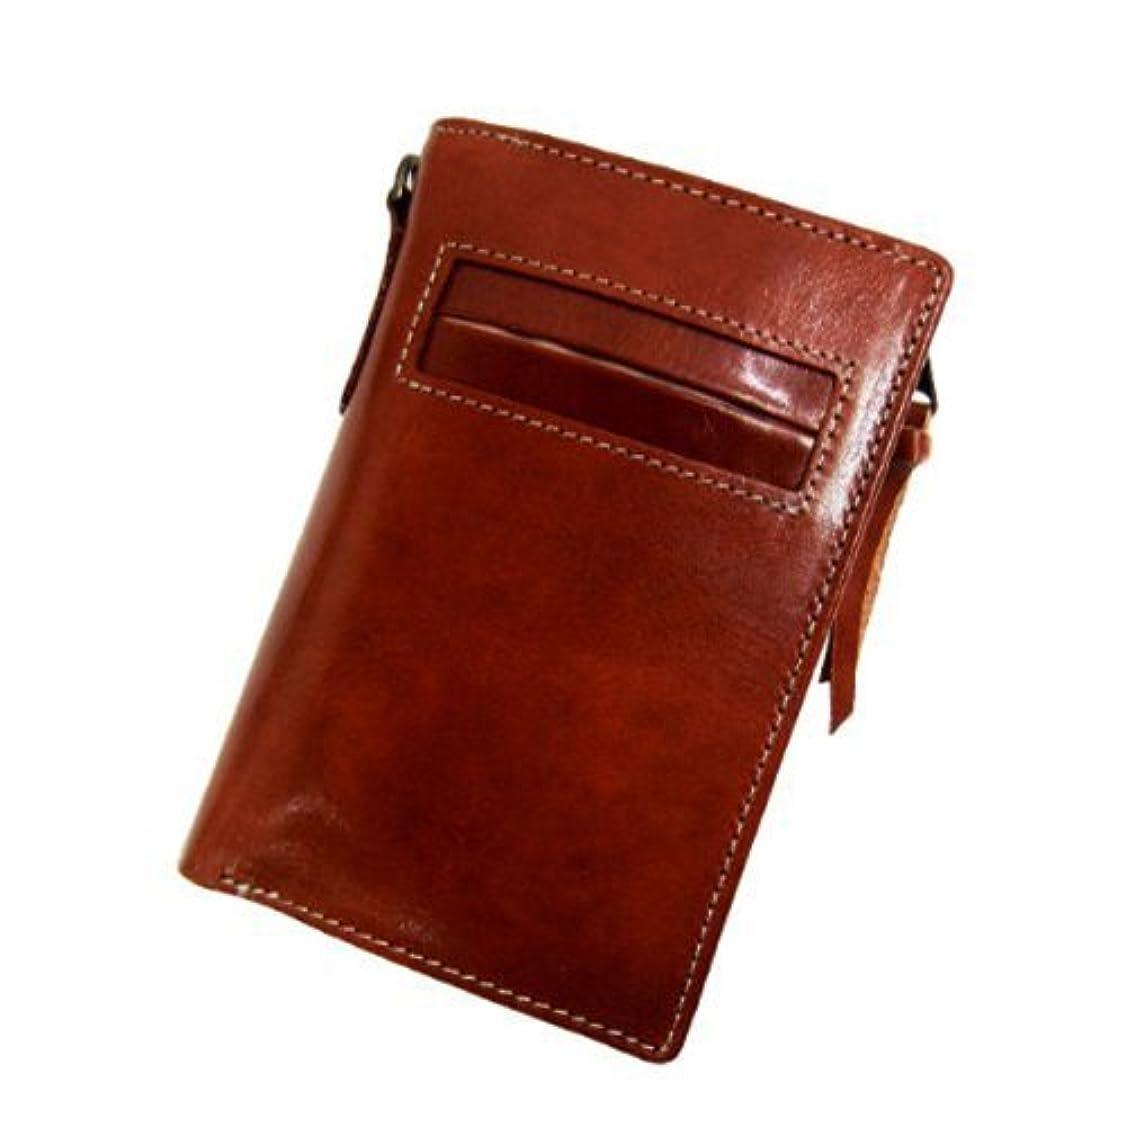 使役環境保護主義者準備ができて[ Maturi マトゥーリ ]  かっこいい二つ折り財布 (プッチーニ イタリアンレザー L字ファスナーMR-021) (ライトブラウン)